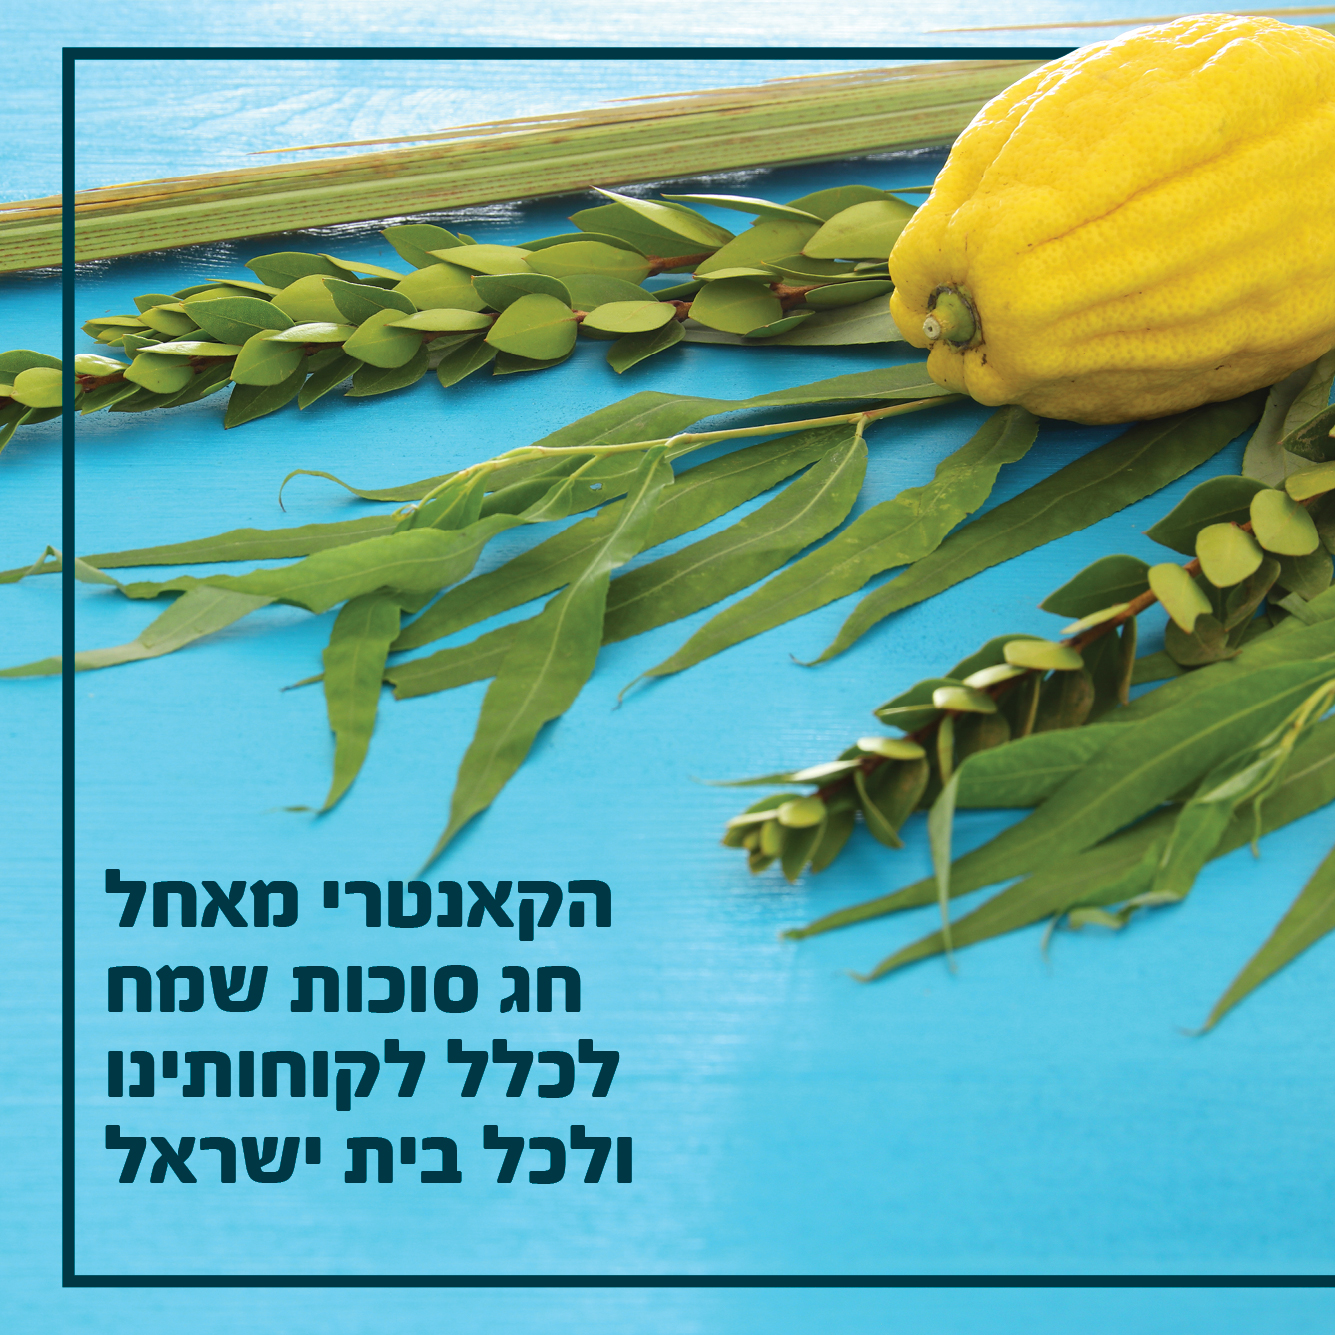 הקאנטרי מאחל חג סוכות שמח לכלל לקוחותינו ולכל בית ישראל